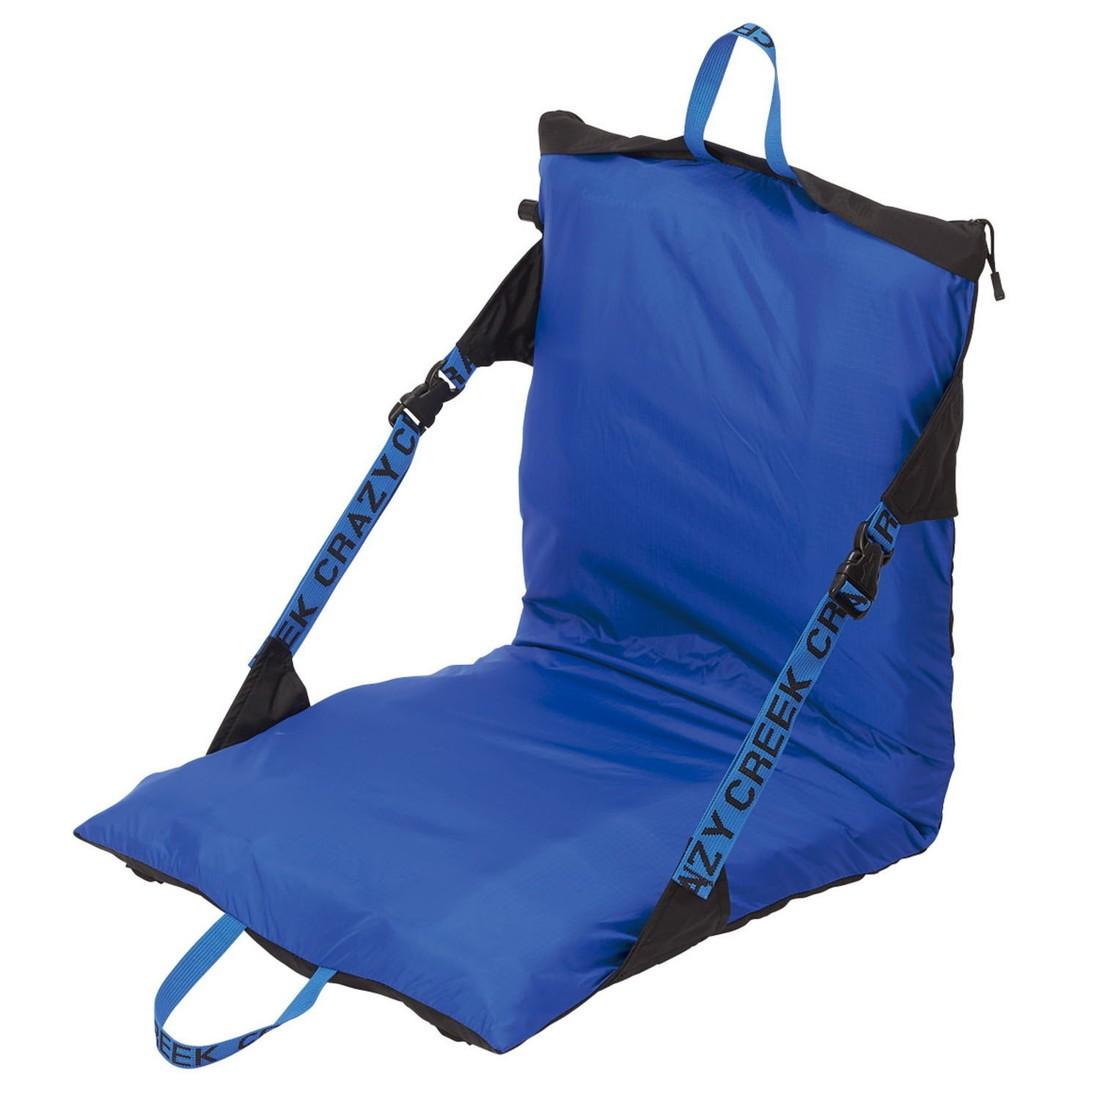 【国内正規品】 クレイジークリーク エアチェア コンパクト コンパクト 折りたたみ椅子 CRAZYCREEK Air Chair シート 折りたたみチェア